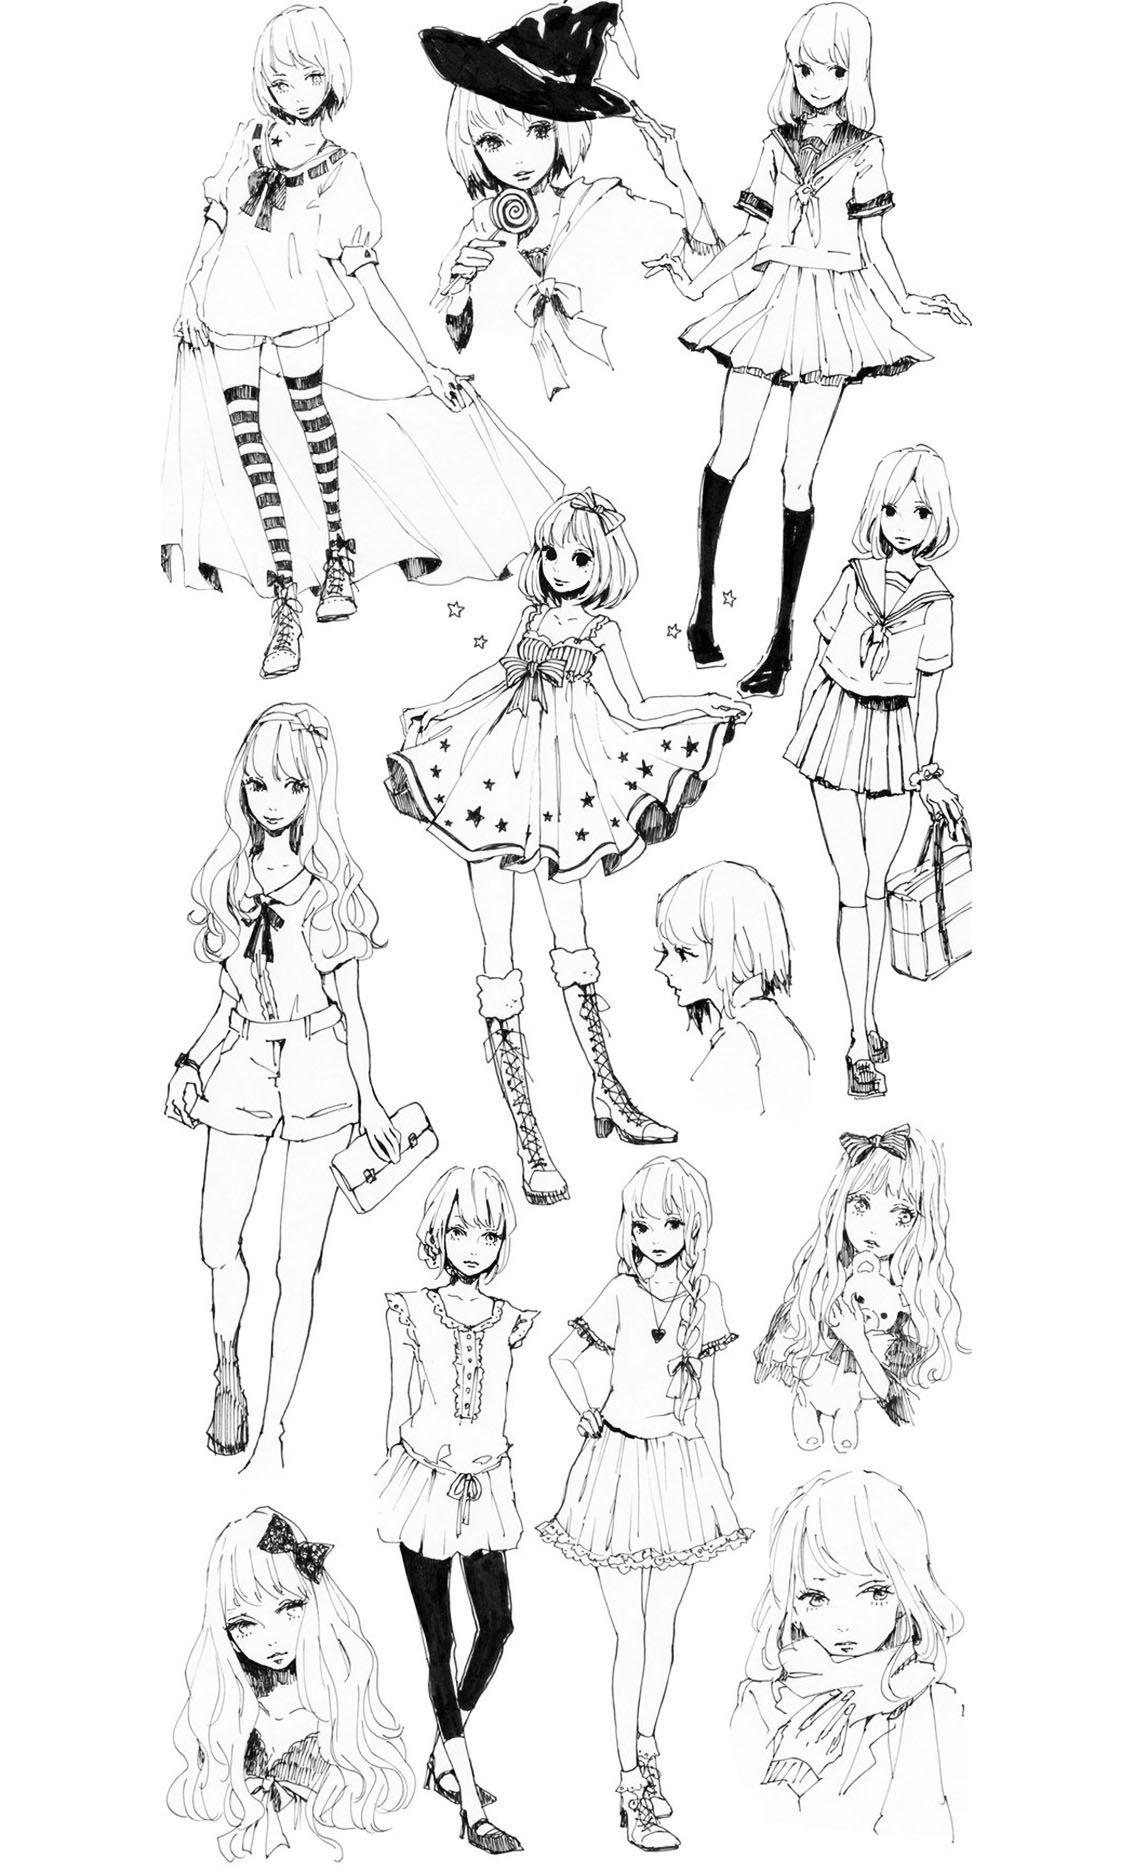 Dessin Style Manga De Personnages Féminins Aux Styles Vestimentaires